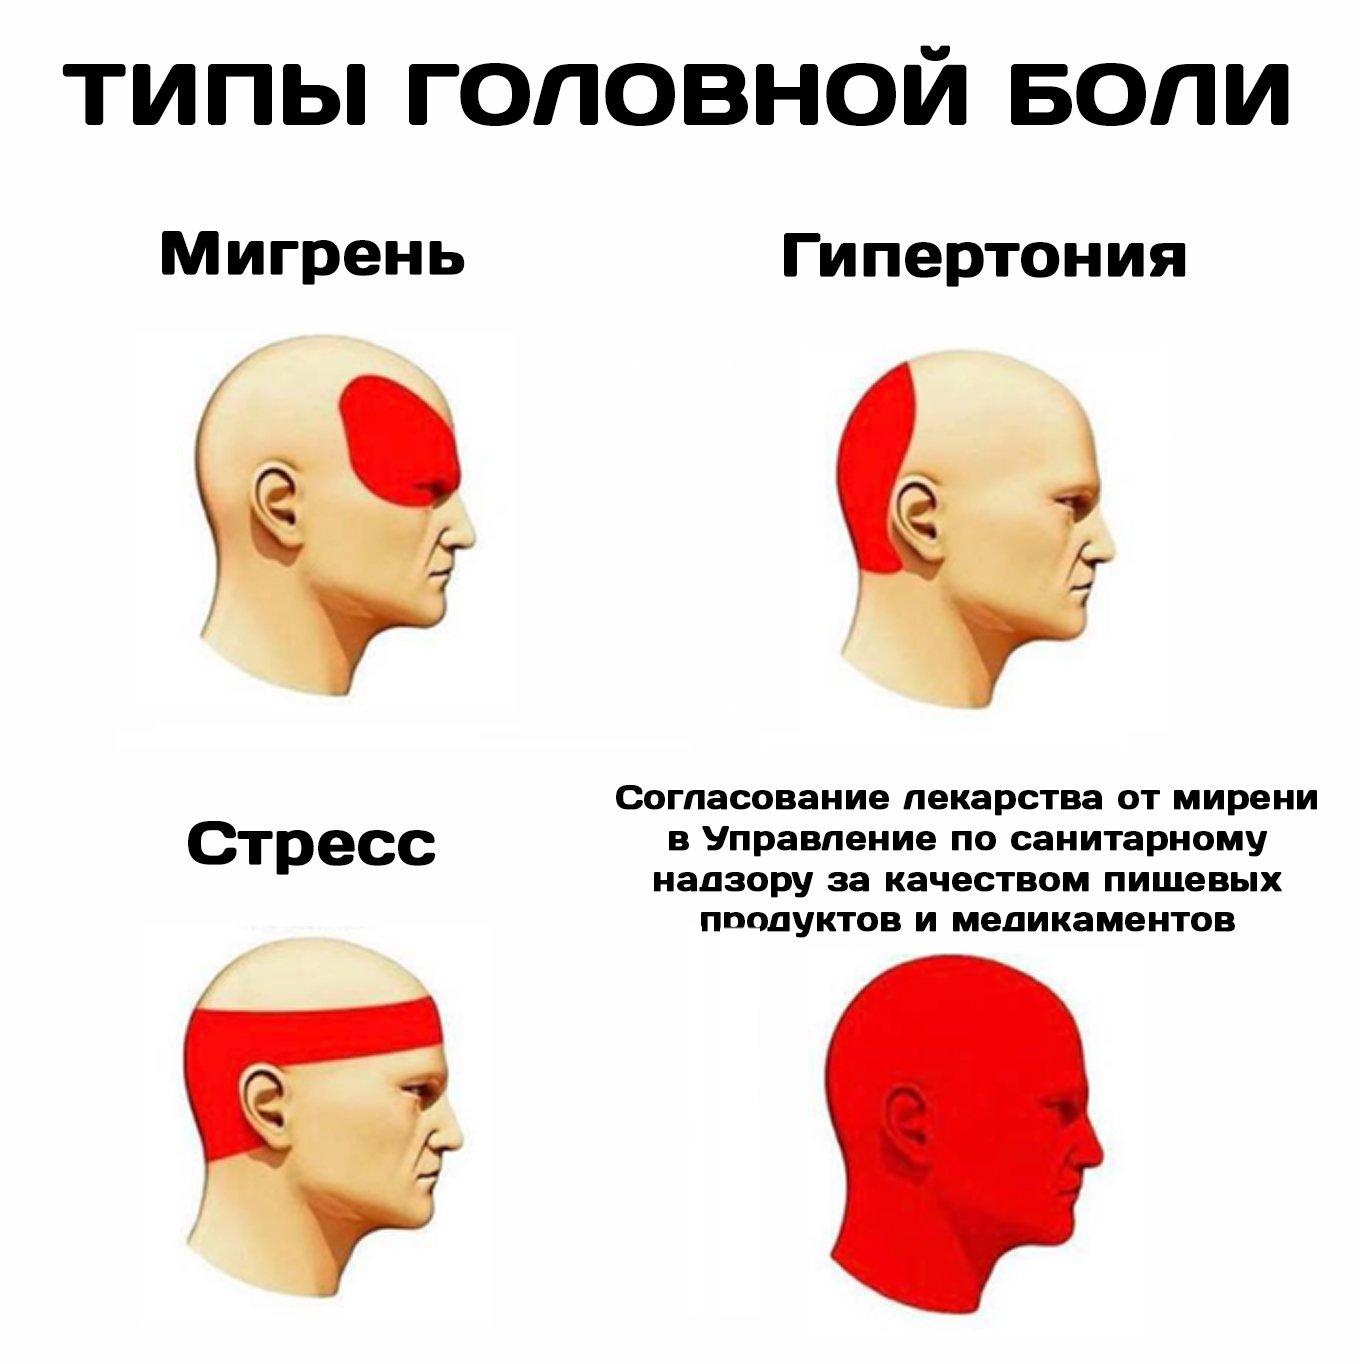 Почему после бани у меня болит голова: причины головных болей после высокой температуры и влажности